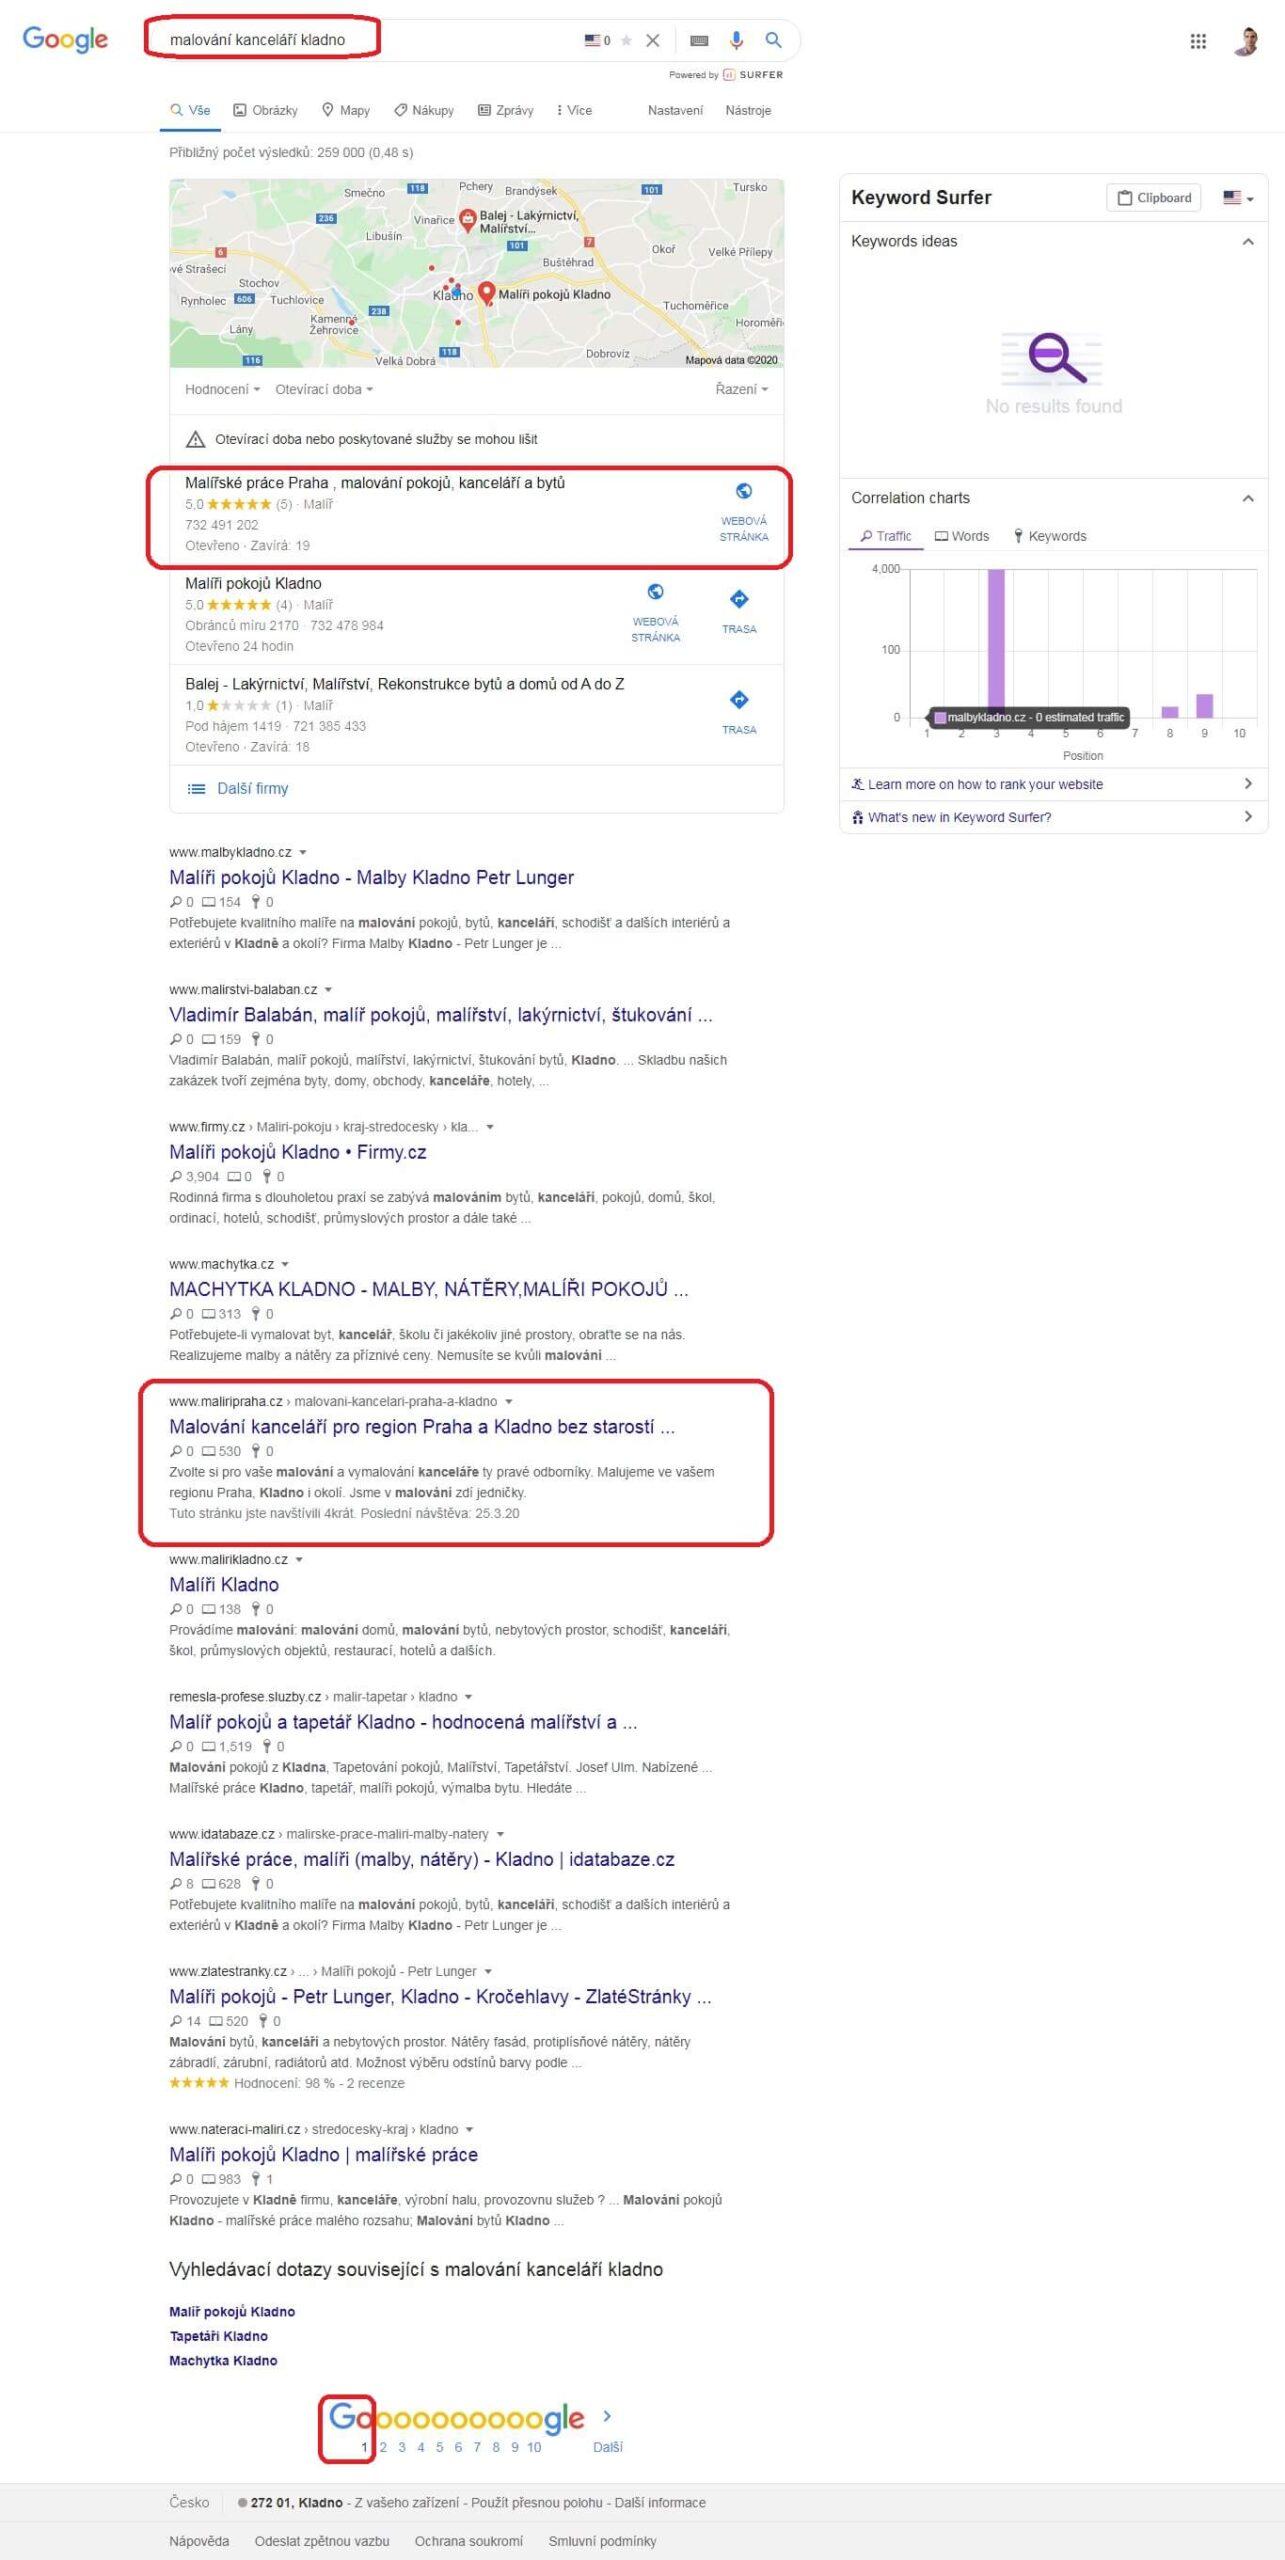 """Výsledky postupné SEO optimalizace na klíčové slovo """"malování kanceláří Kladno"""""""